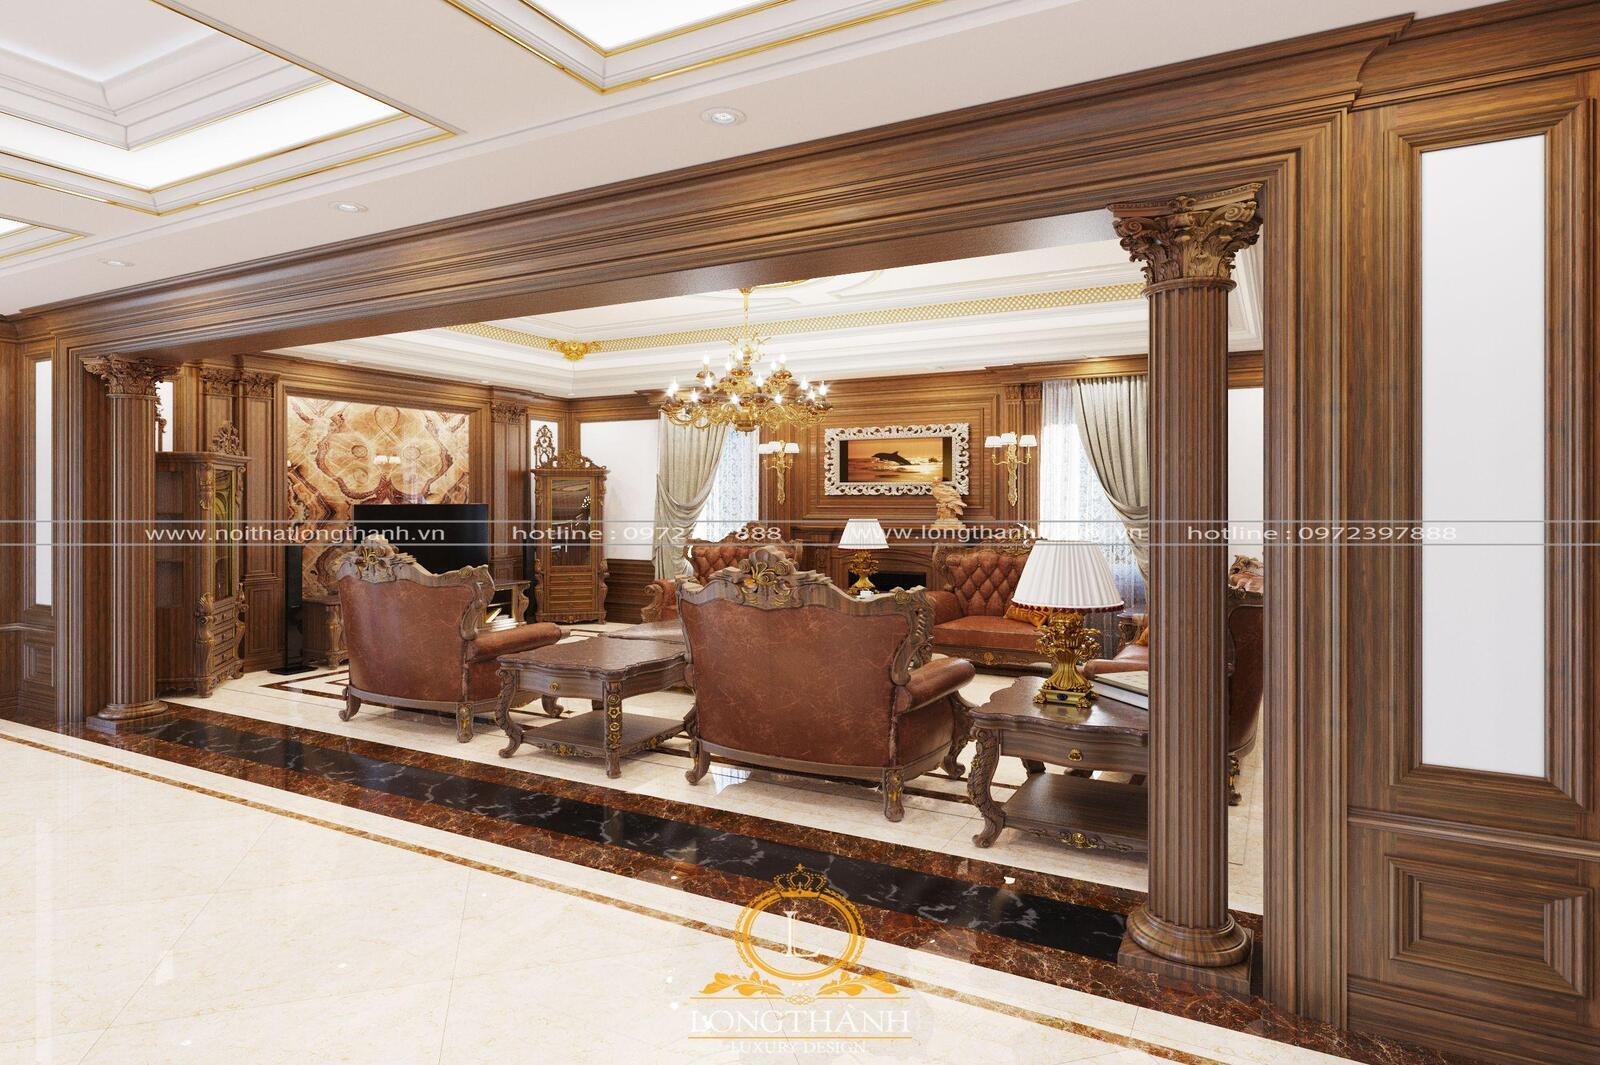 Bộ sofaluôn là điểm nhấn chính cho phòng khách tân cổ điển